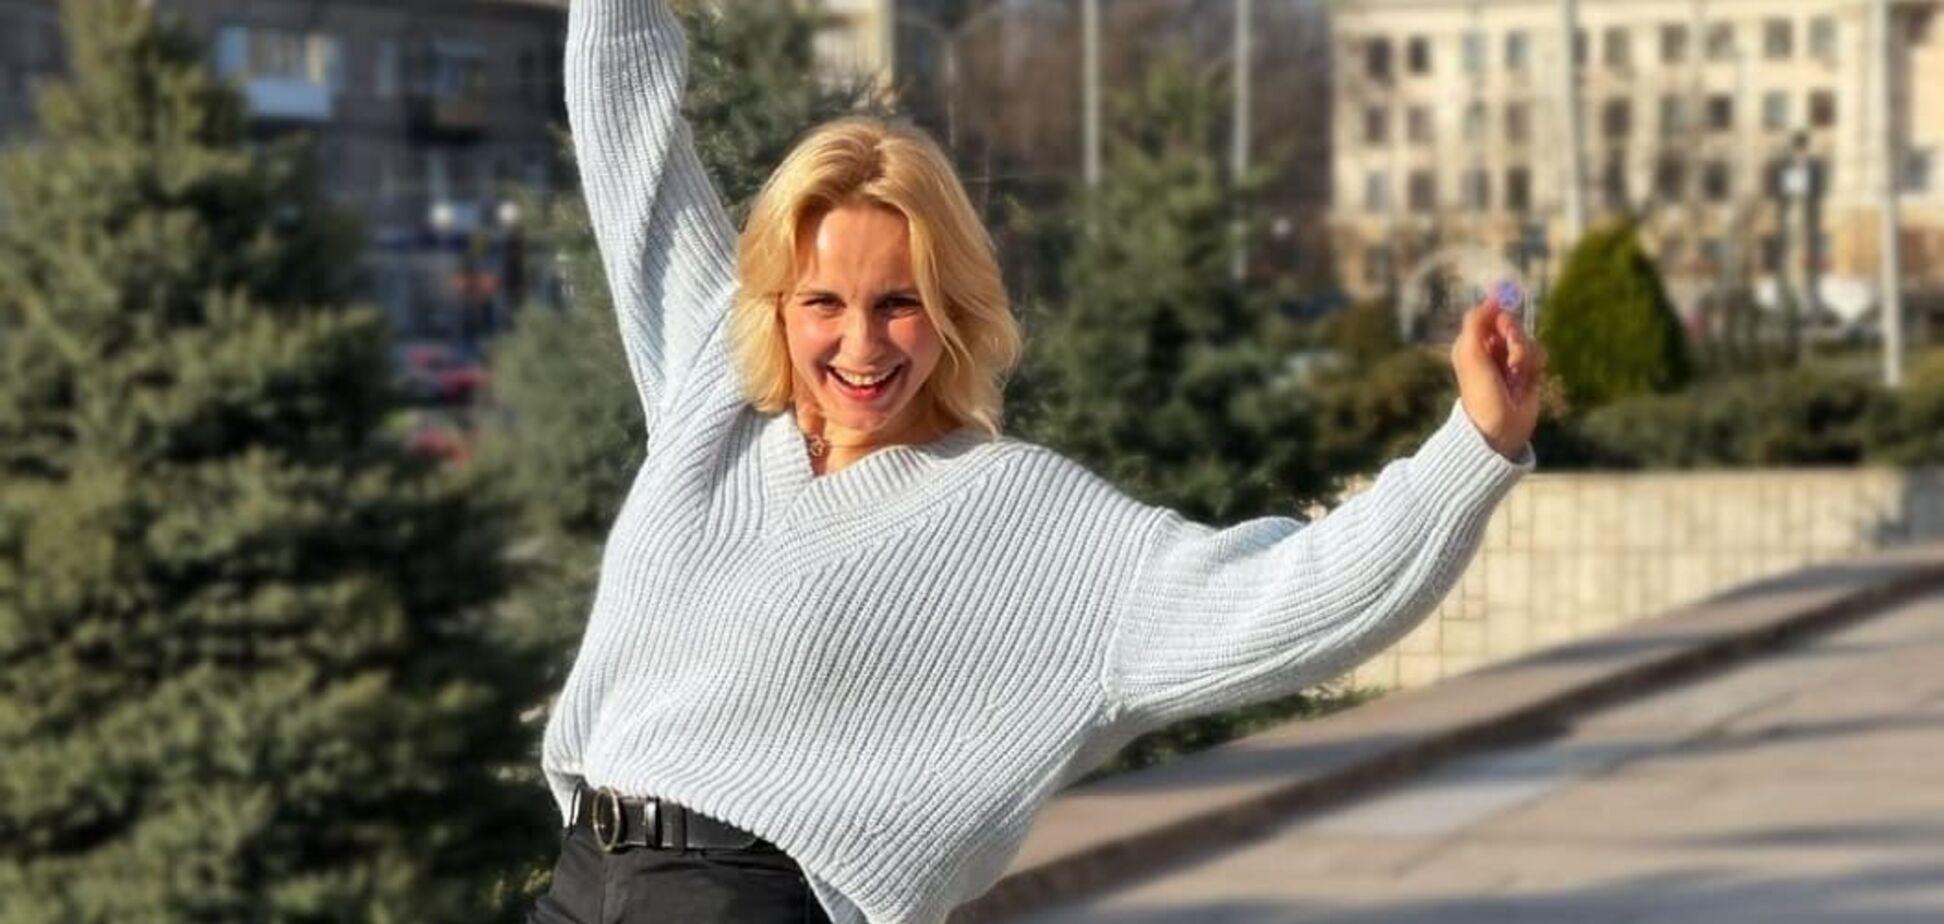 Как Лилия Ребрик выглядела 10 лет назад: появилось фото